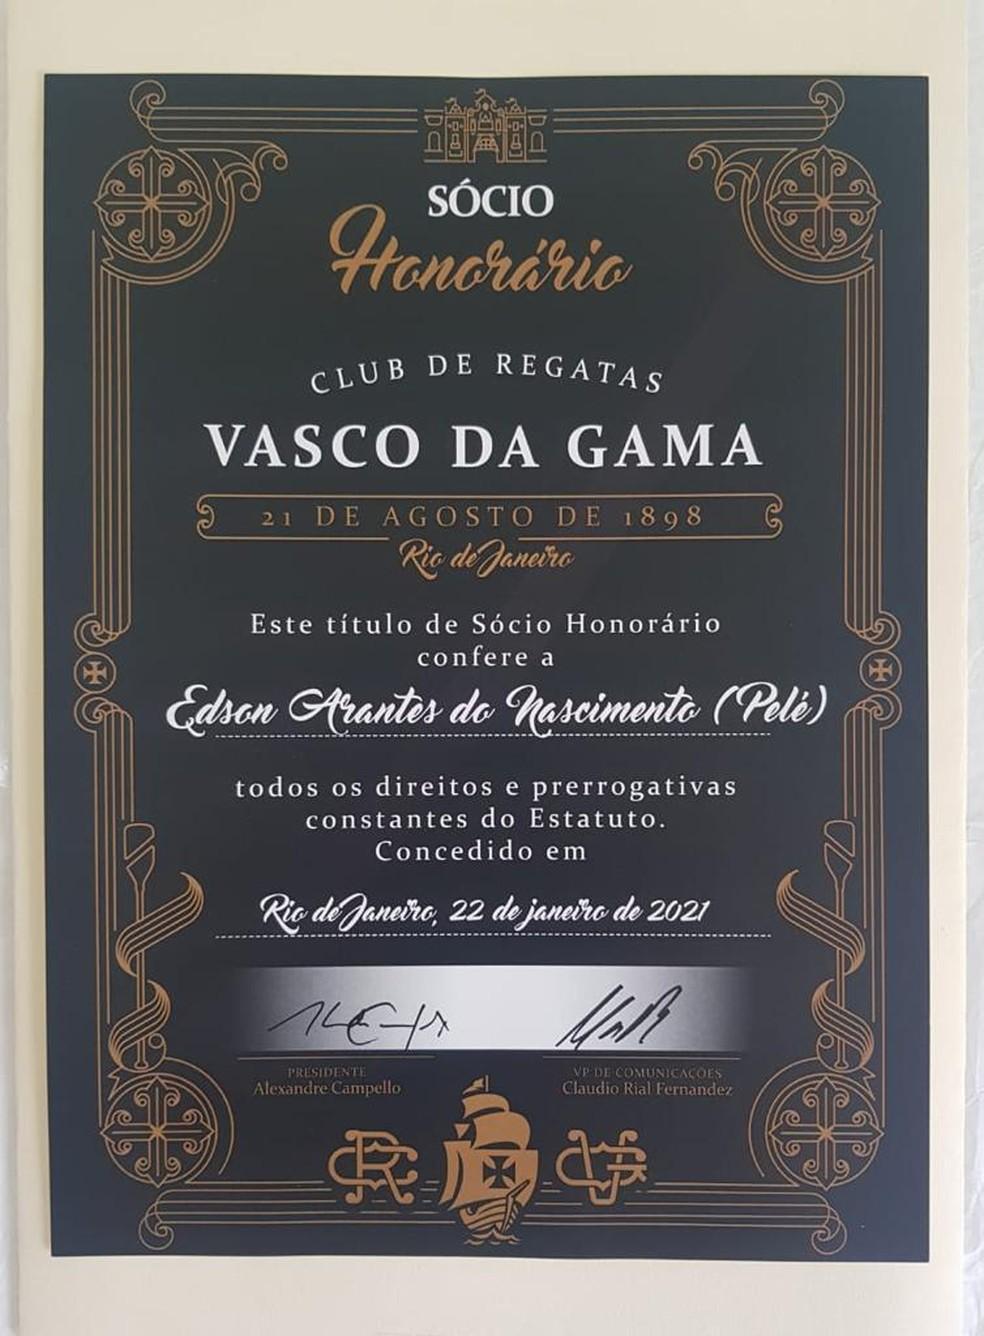 Diploma de Pelé de sócio honorário do Vasco — Foto: Divulgação